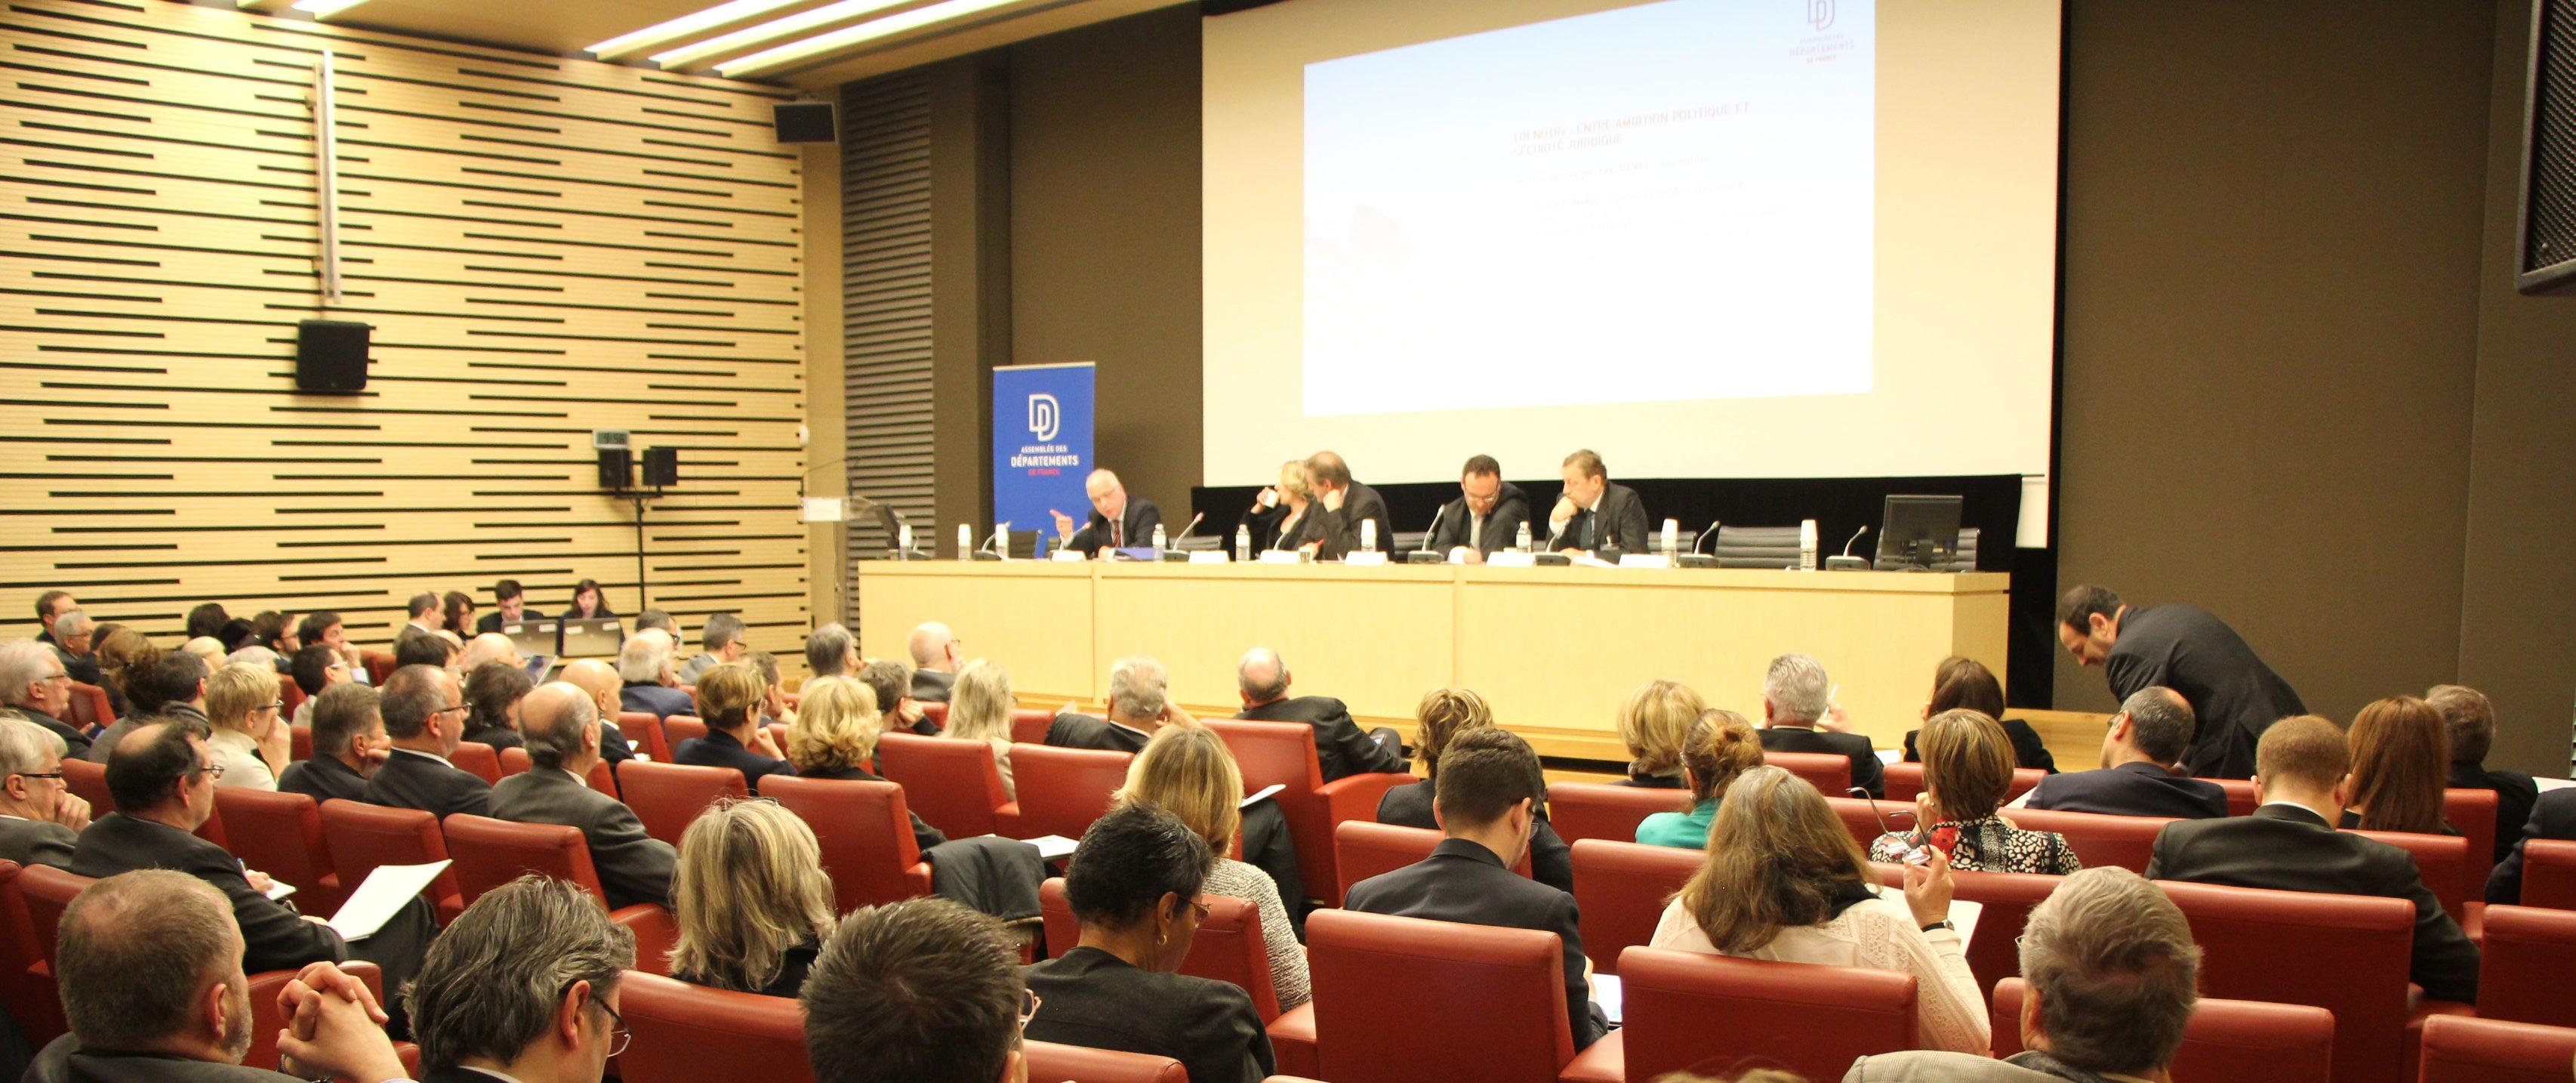 Colloque du 27 avril: «Les Départements à l'heure de la réforme territoriale», un grand succès !